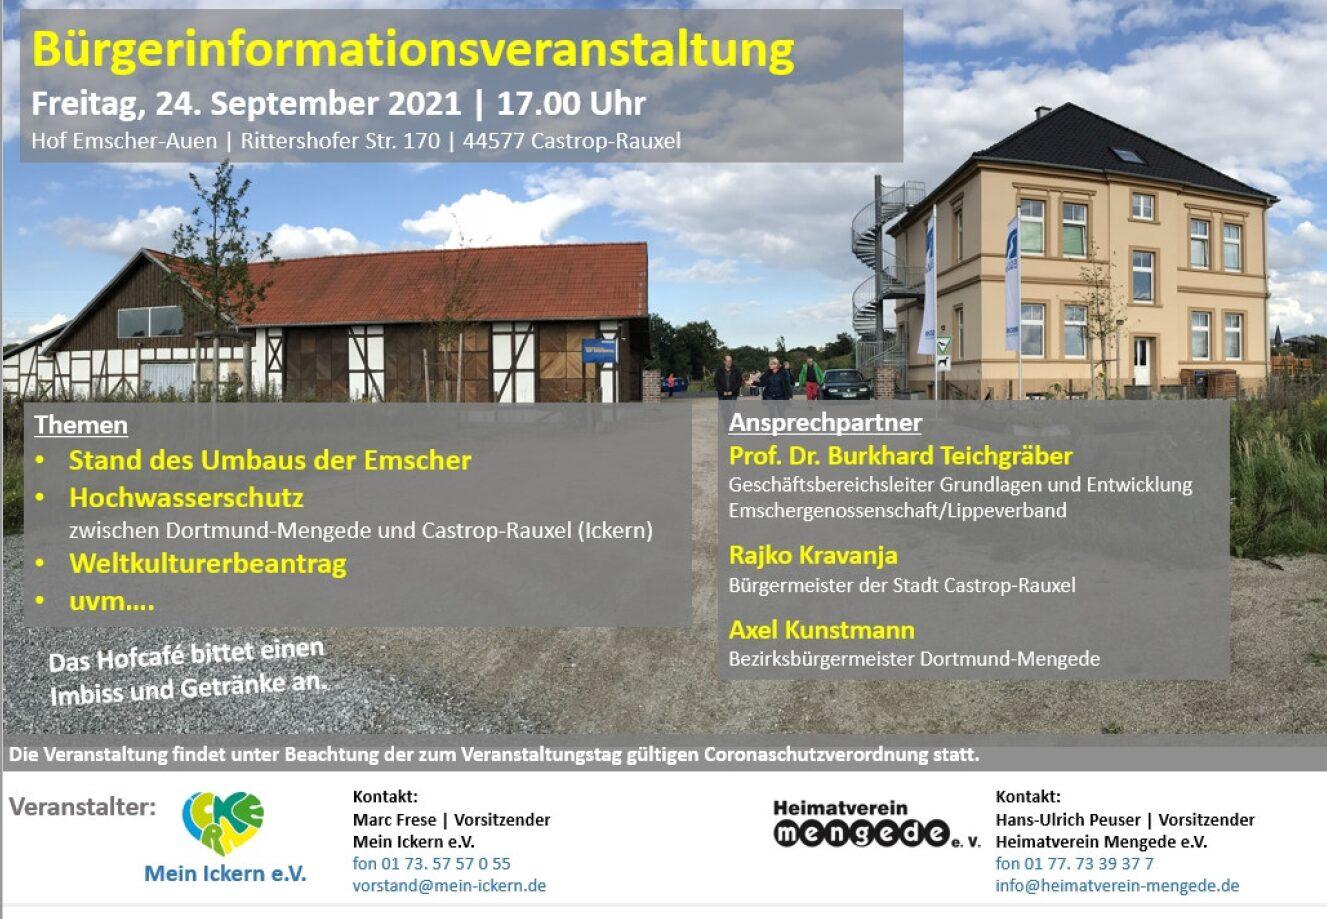 Wie geht es mit dem Emscherumbau weiter? – Einladung zur Bürgerinformationsveranstaltung